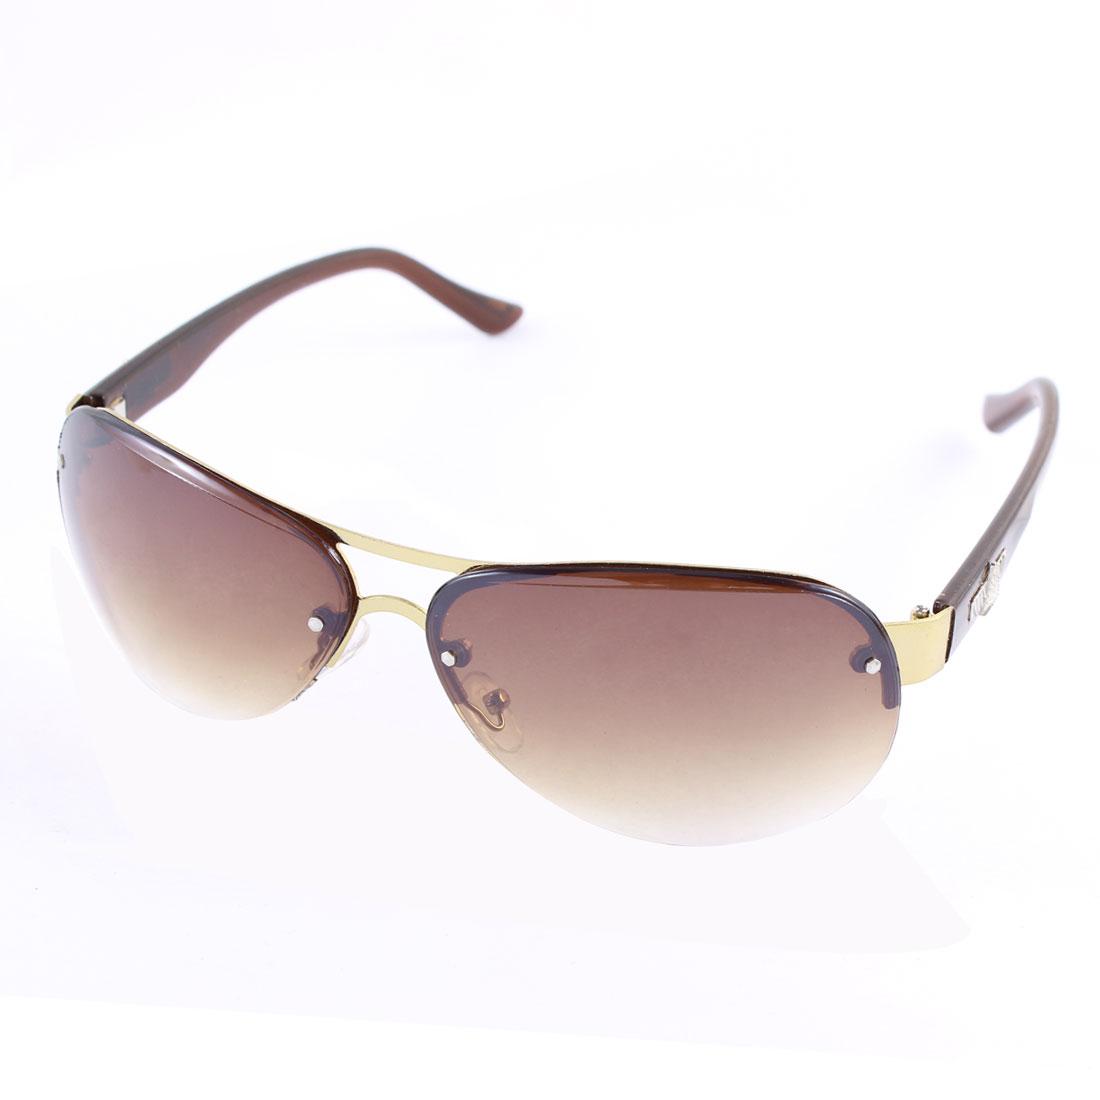 Unisex Half Rim Outdoor Sports Sunglasses Eyewear Eyekeeper Brown